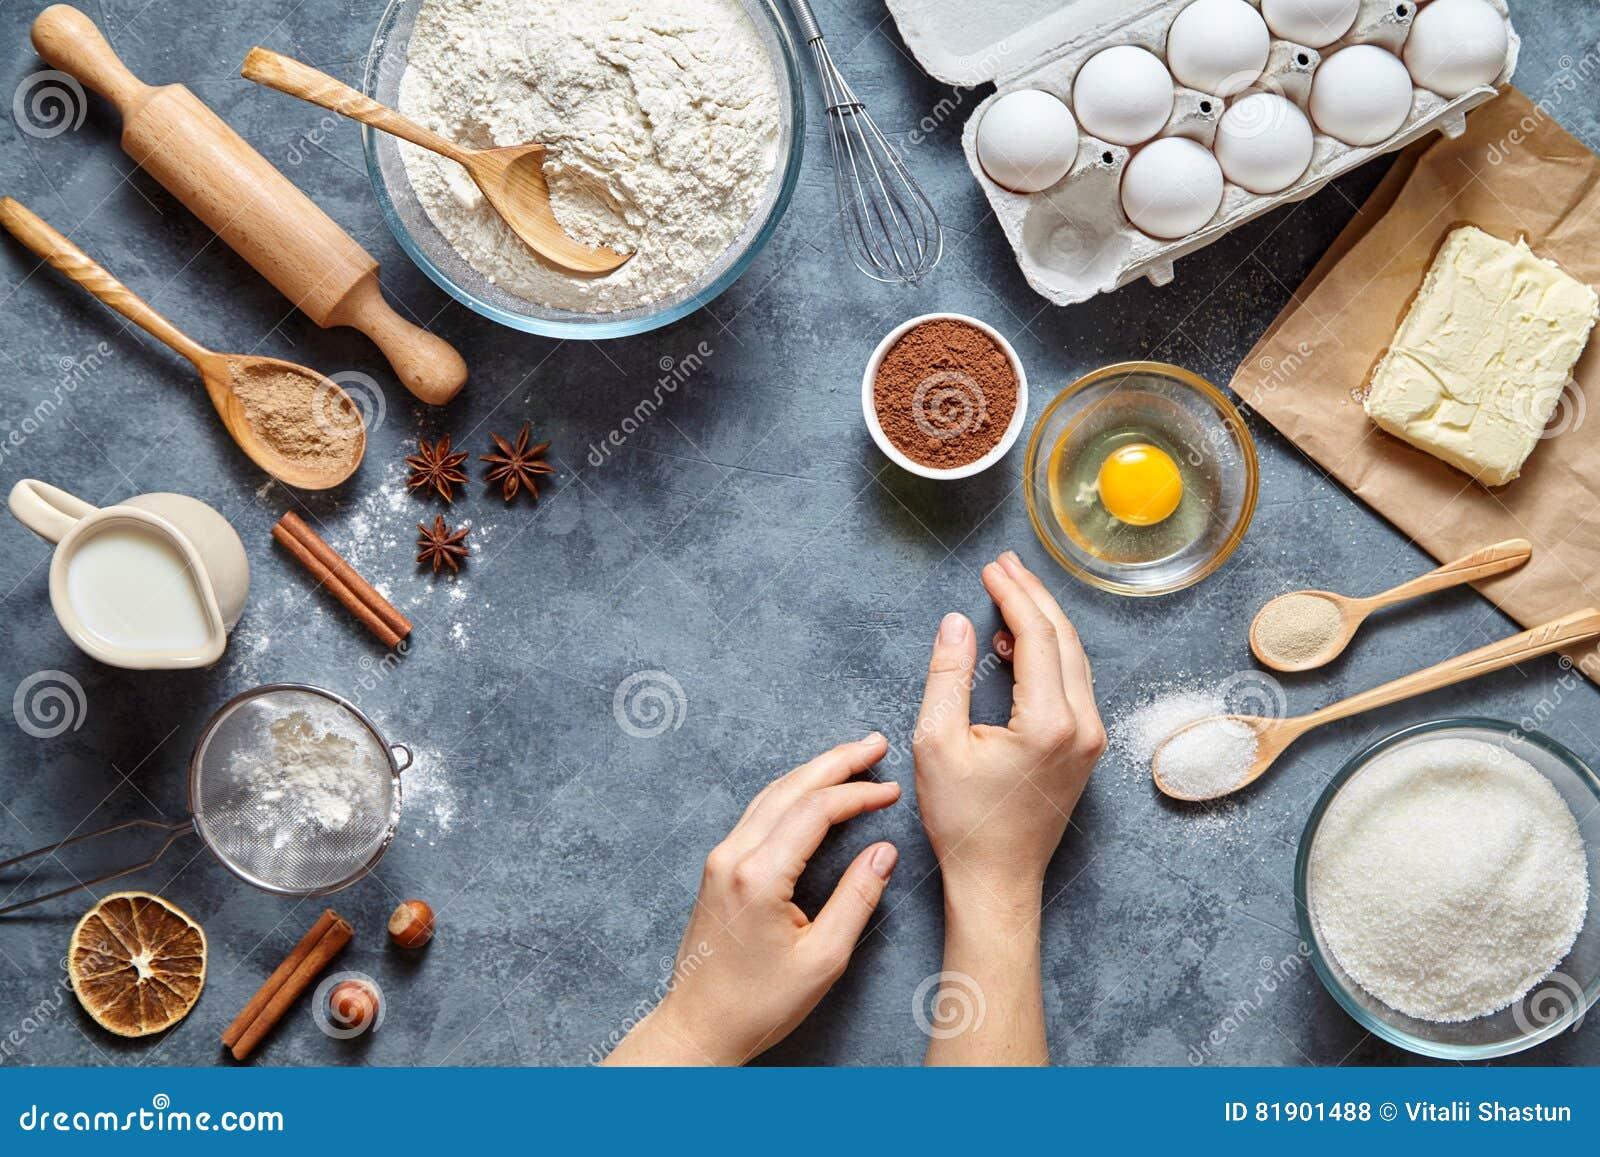 Arbeit mit dem Teig Die rohen Bestandteile des Küchentischs, die Frau ` s Hand bereit, den vorbereitenden Ingwerkuchen zu kneten